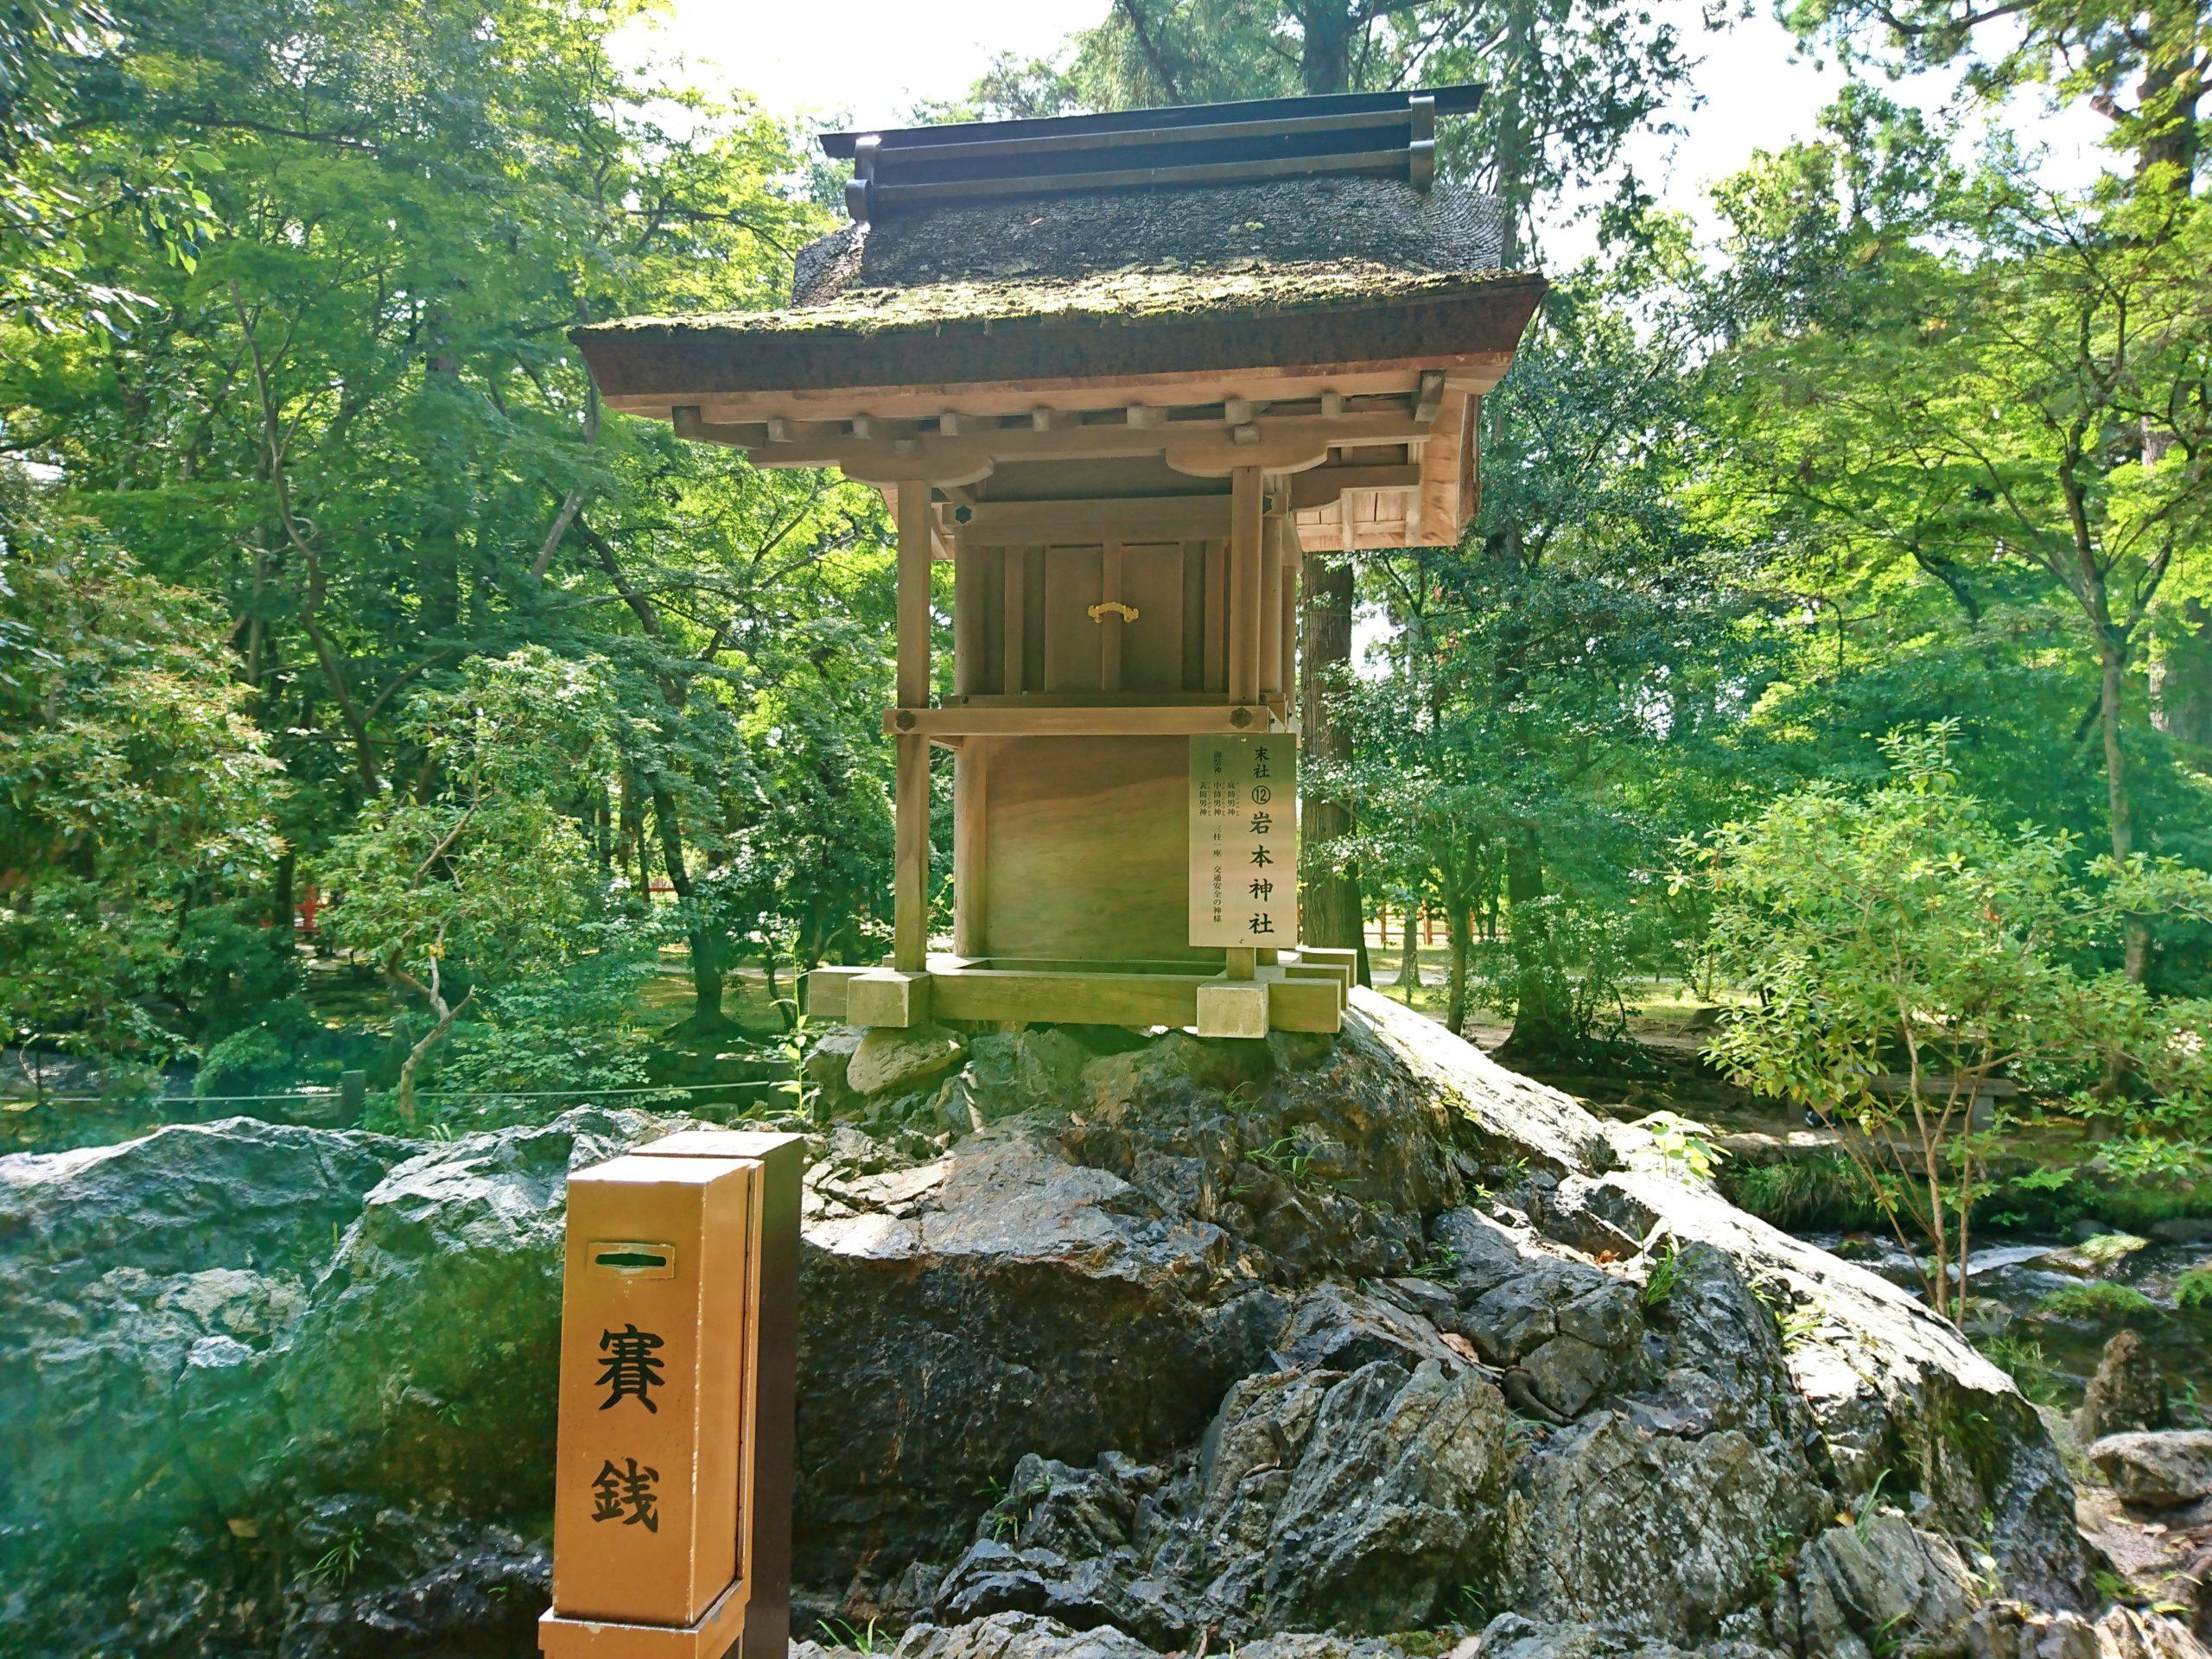 上賀茂神社の境内を流れるならの小川のほとりにある岩本神社